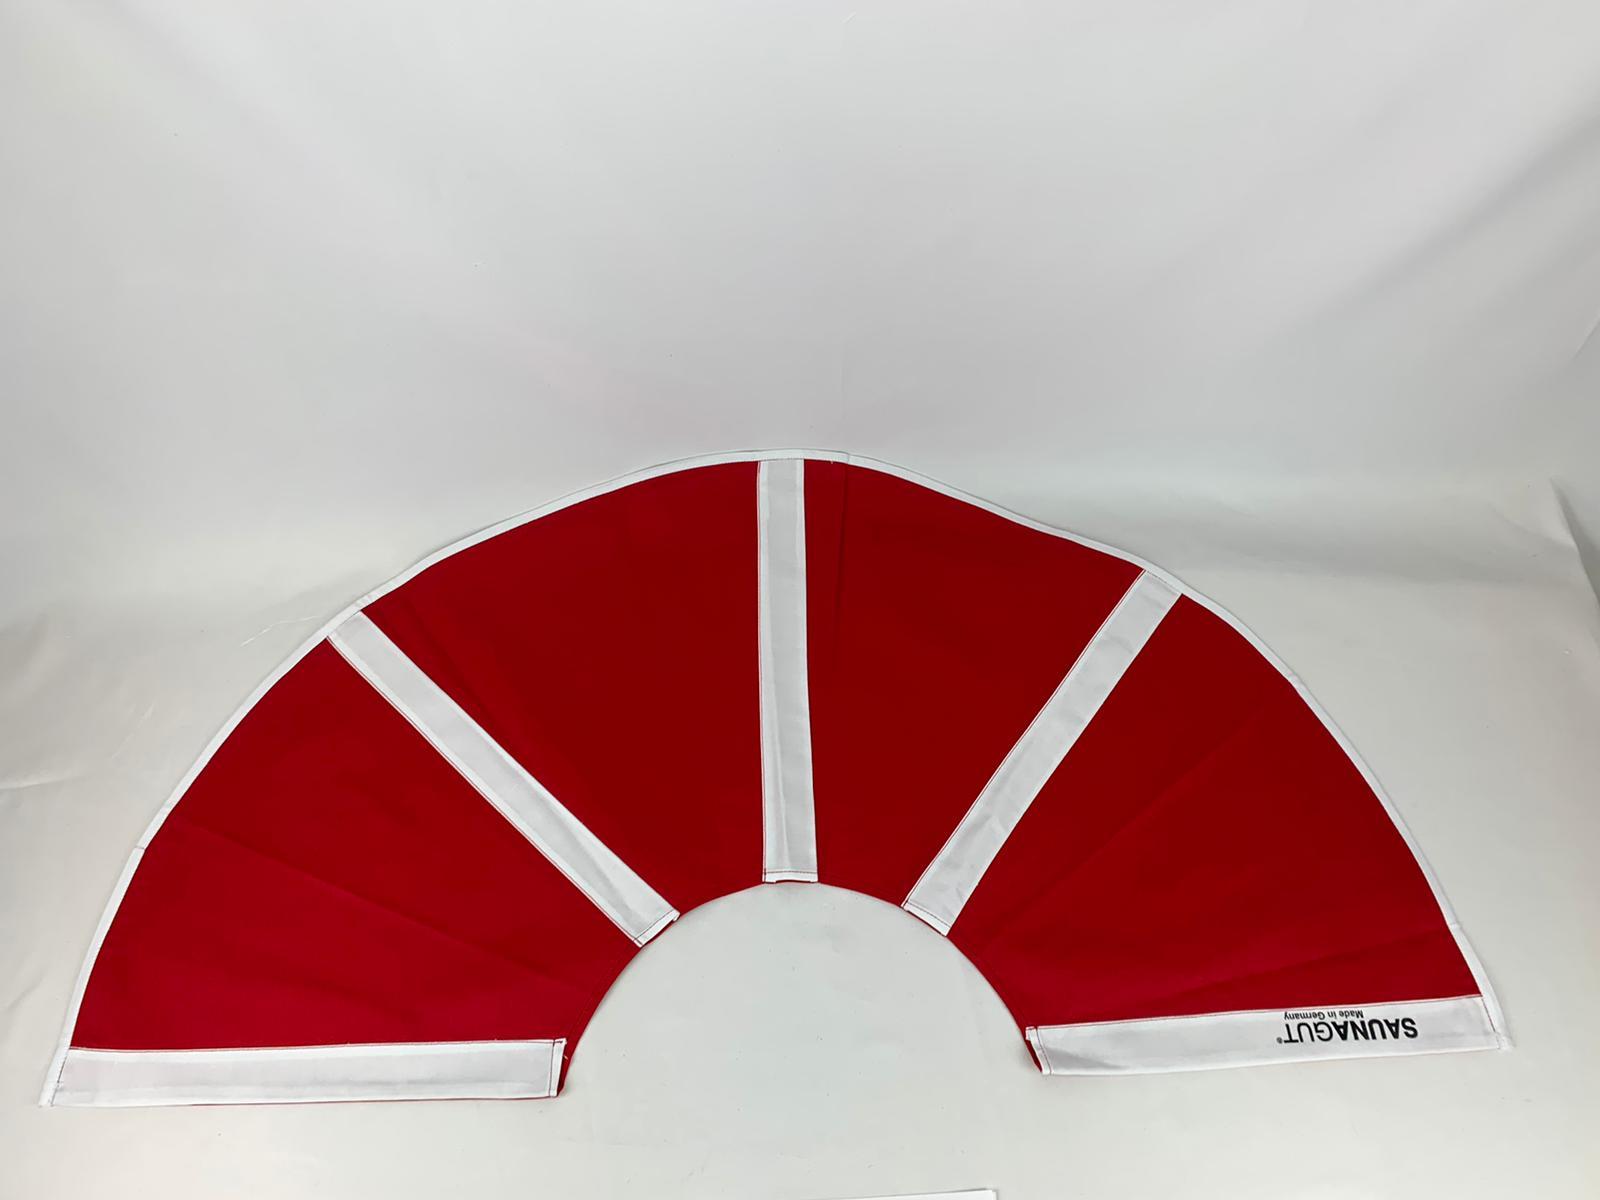 003-ES-AFS-RW   Ersatzstoff Aufgussfächer STANDARD Rot-Weiß